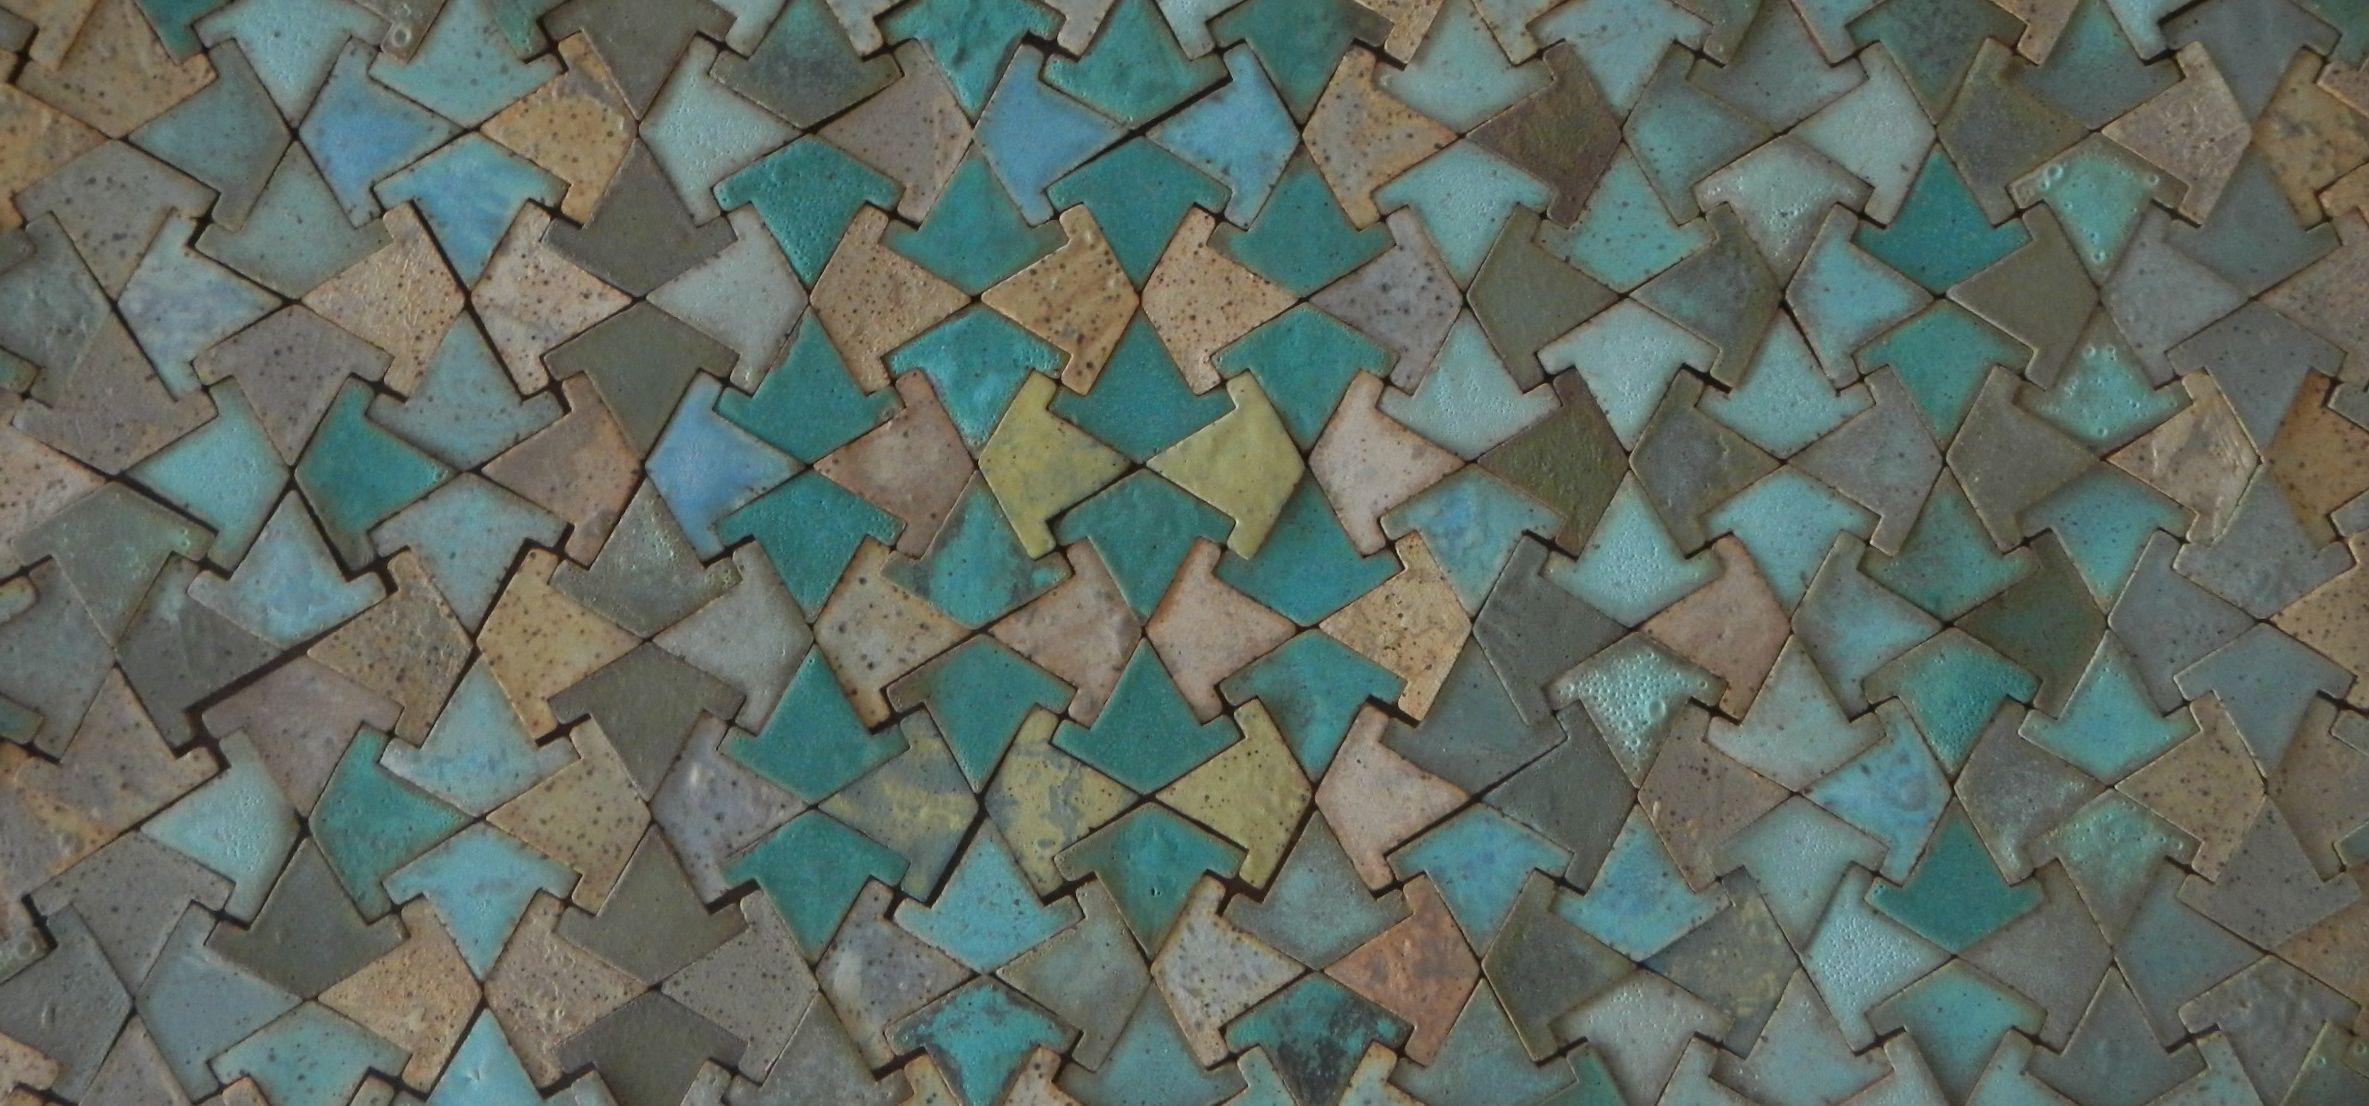 Tiles for Havana